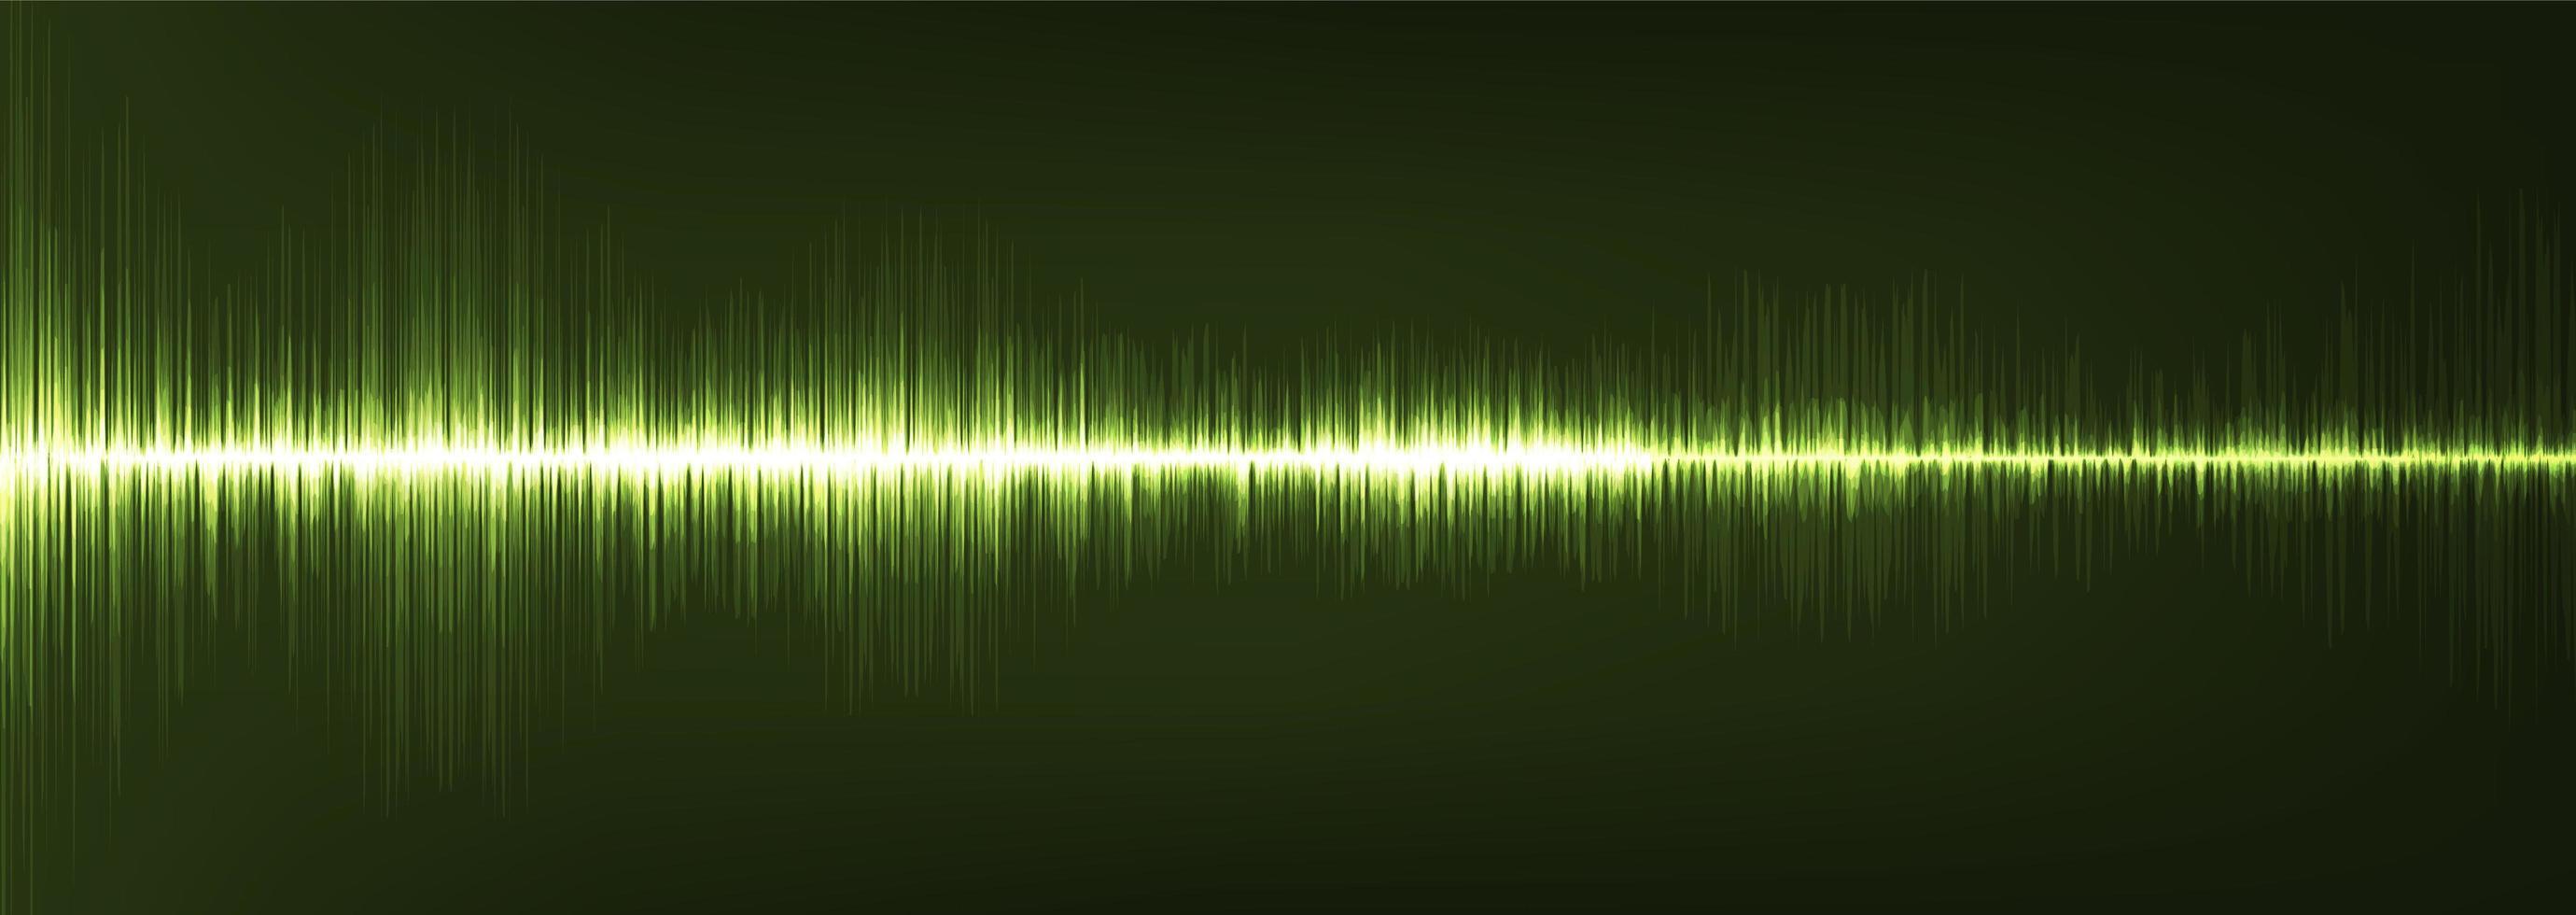 panorama groen digitale geluidsgolf lage en hoge richterschaal vector